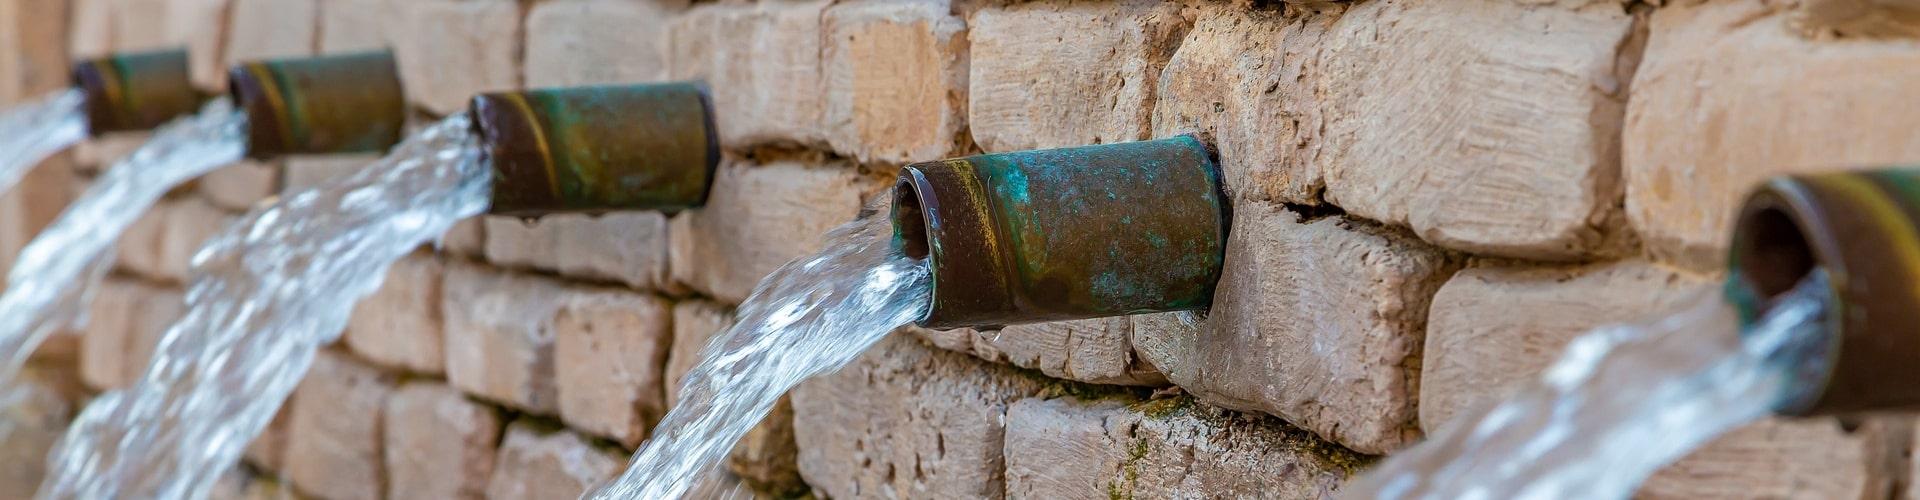 ระวัง! ก่อนทิ้งน้ำเสียคุณำภาพน้ำนั้นได้มาตรฐานคุณภาพน้ำทิ้ง